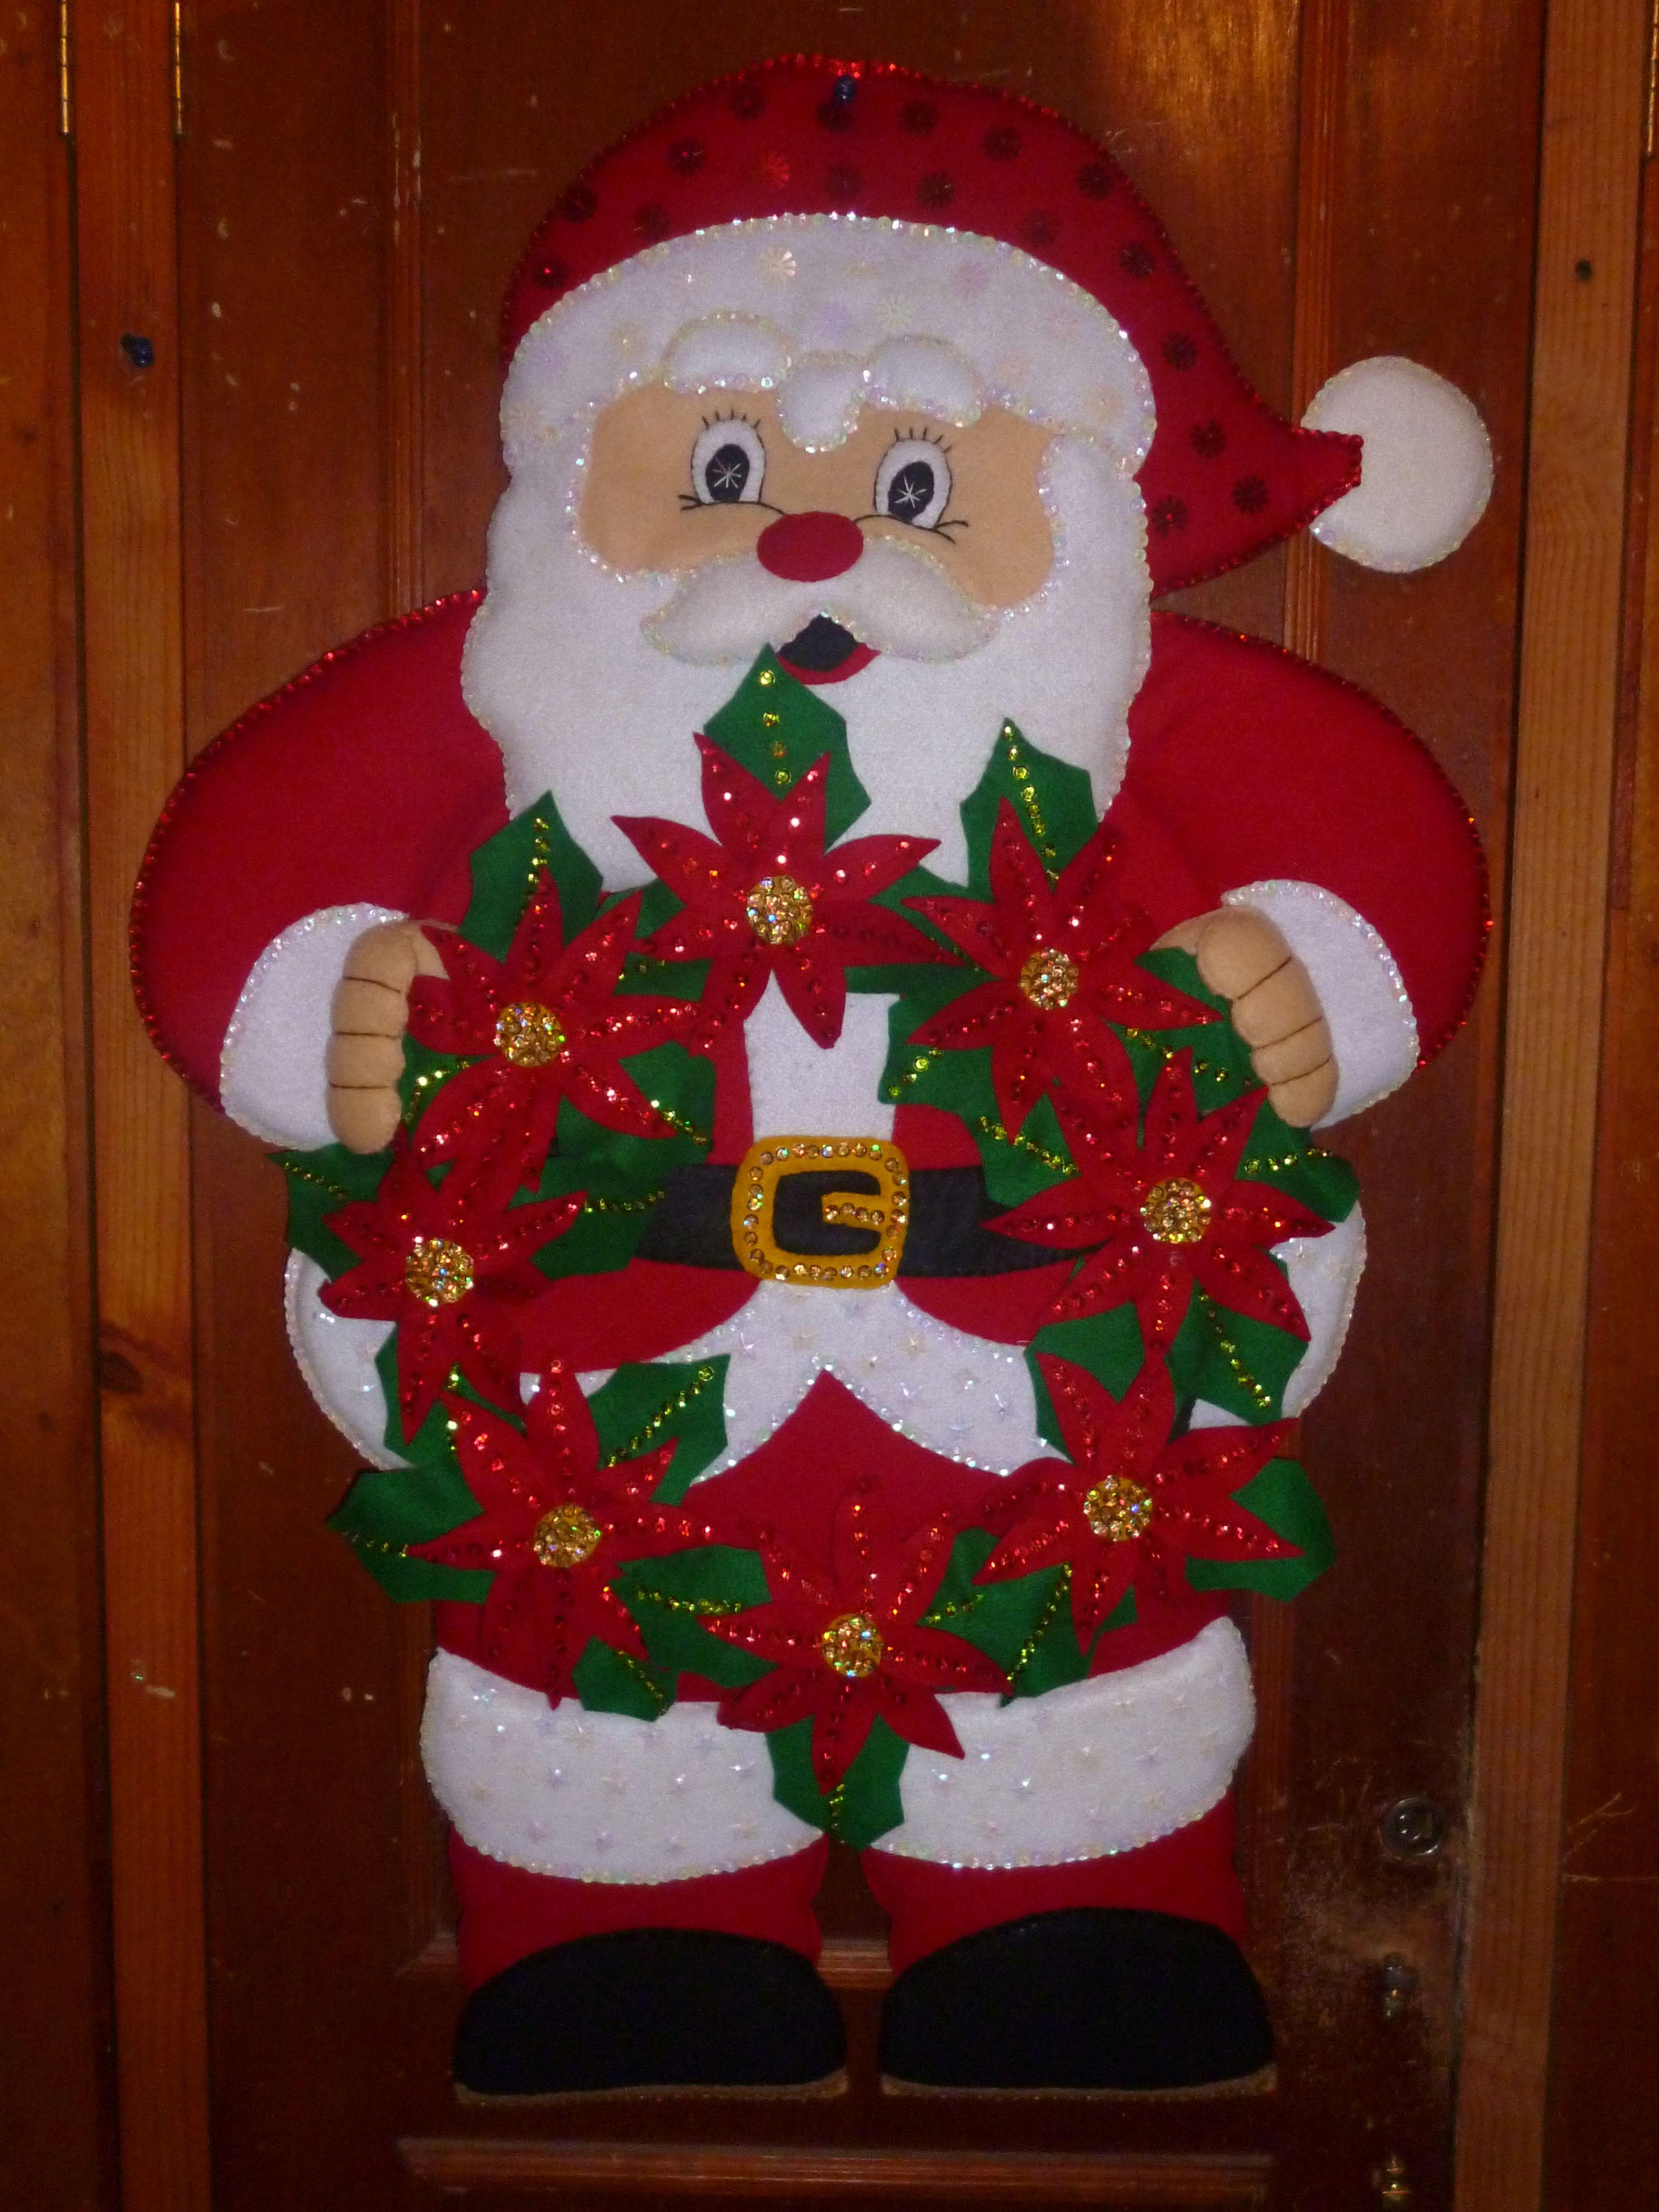 587 santa con corona de pascuas navide os pinterest - Coronas de navidad ...